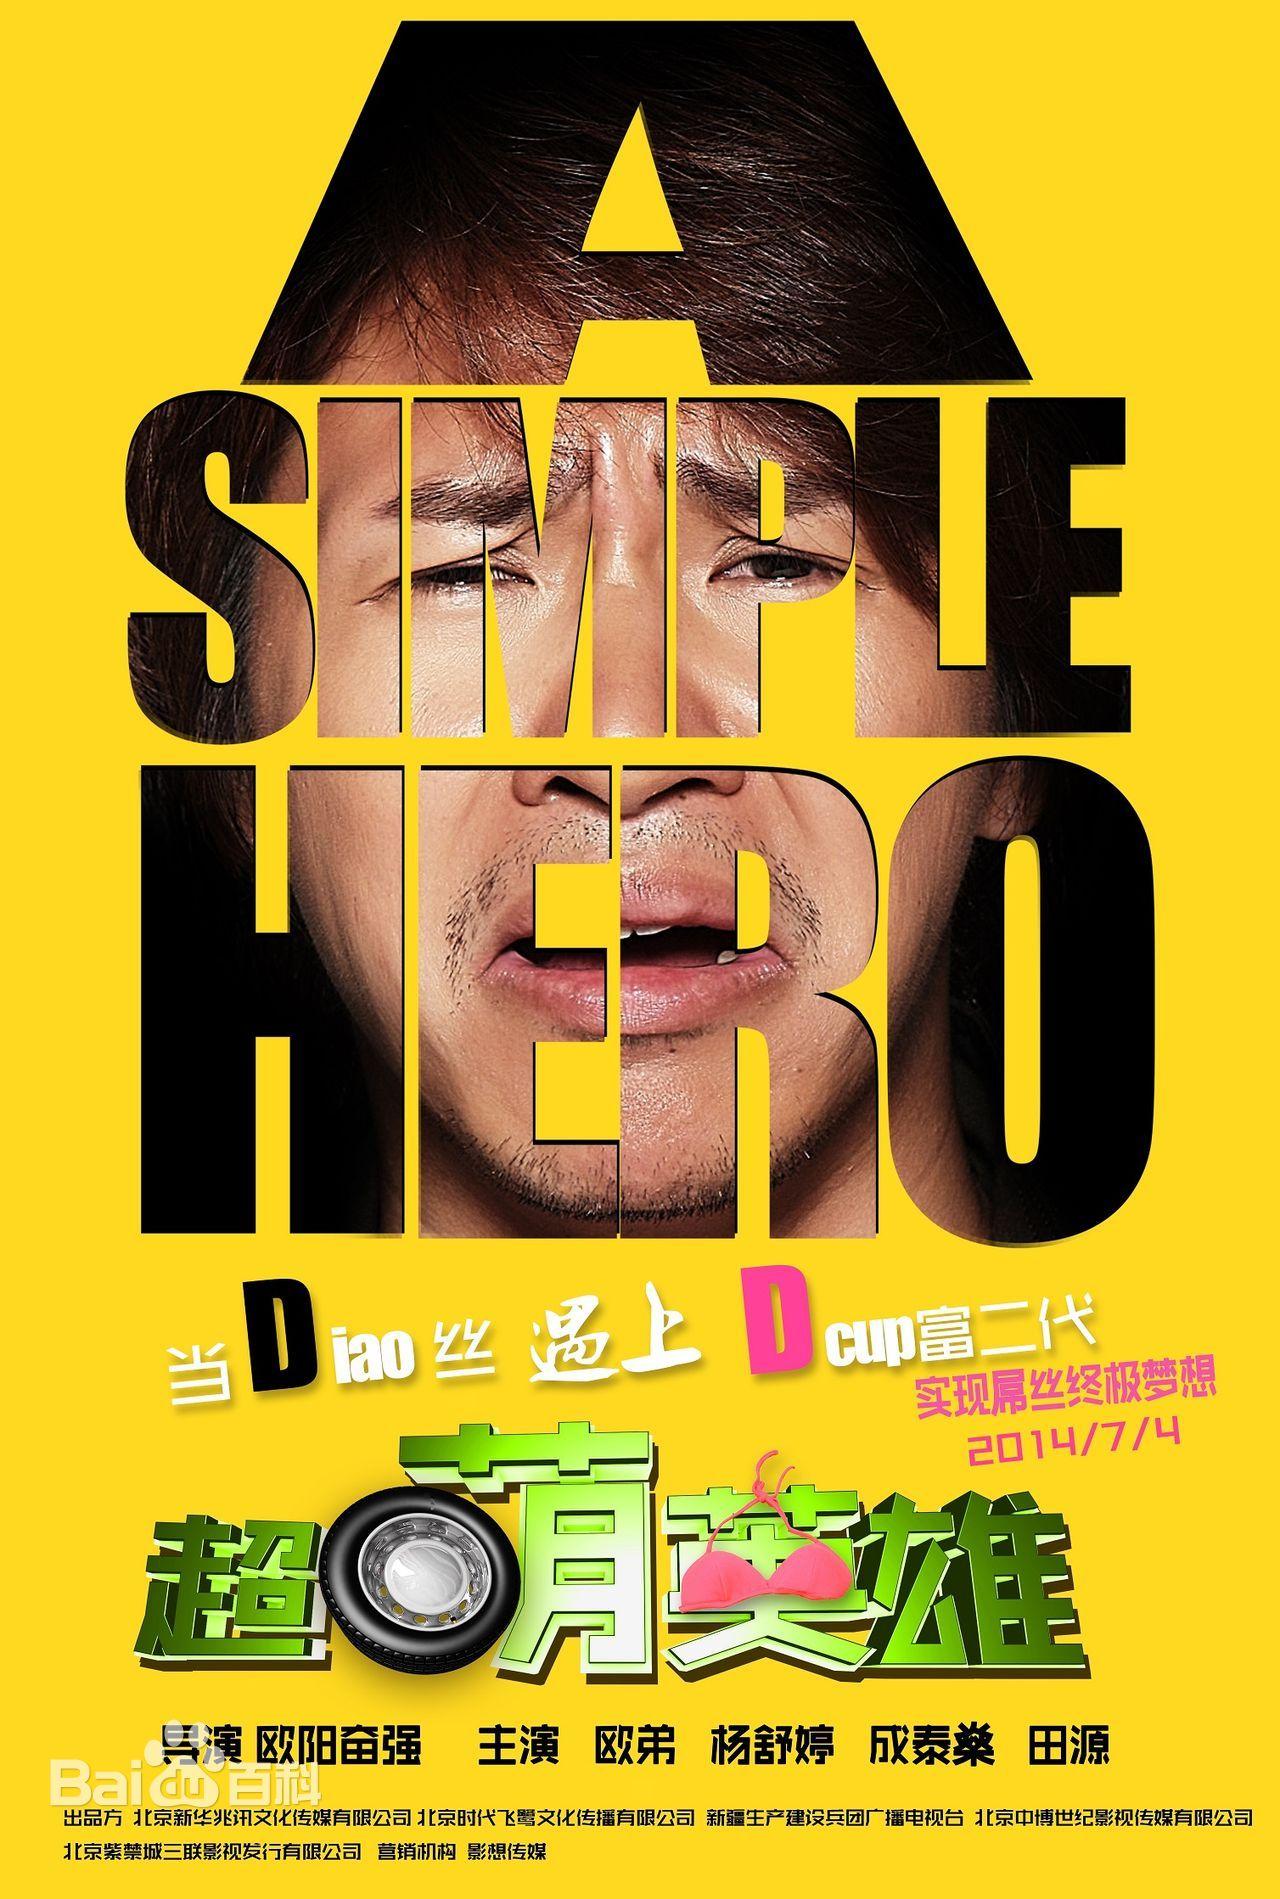 超萌英雄海报